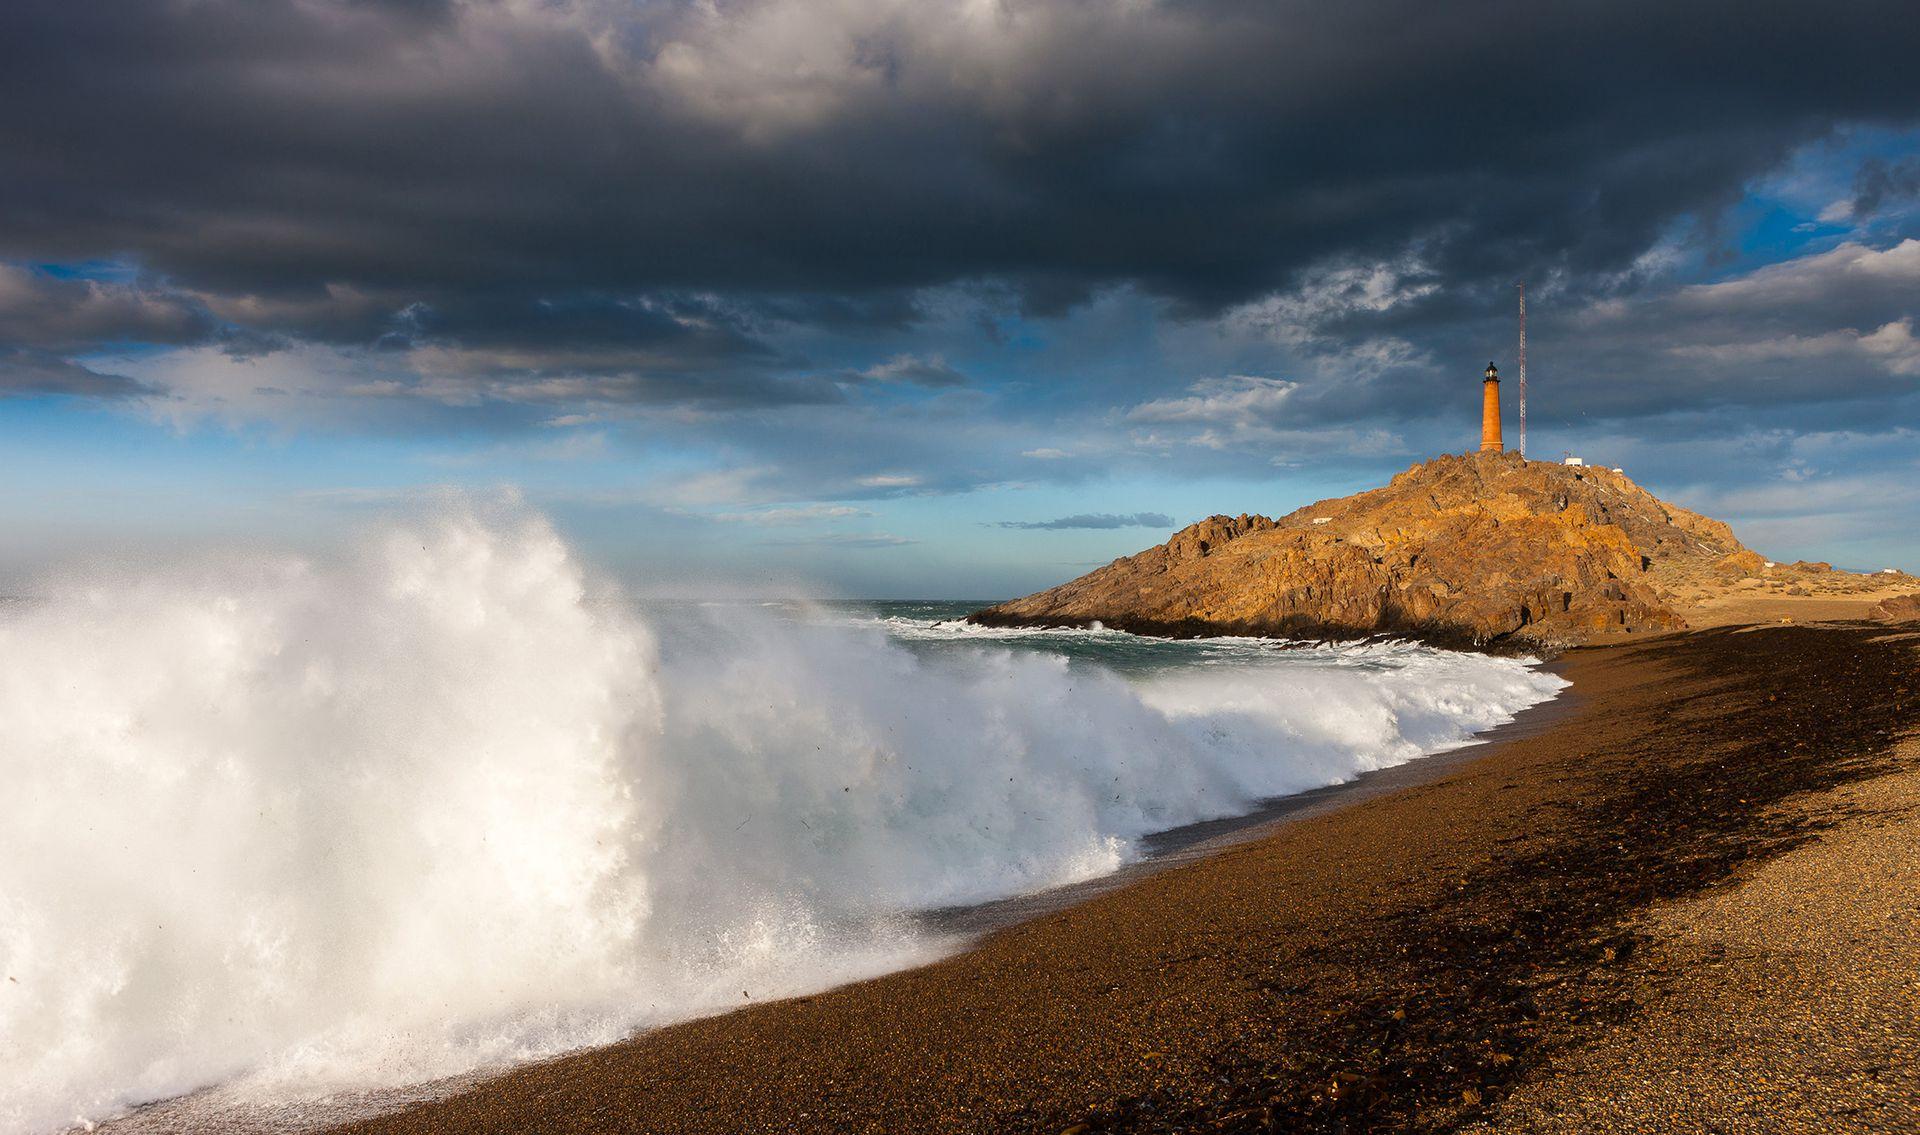 Faro de Cabo Blanco, Santa Cruz.